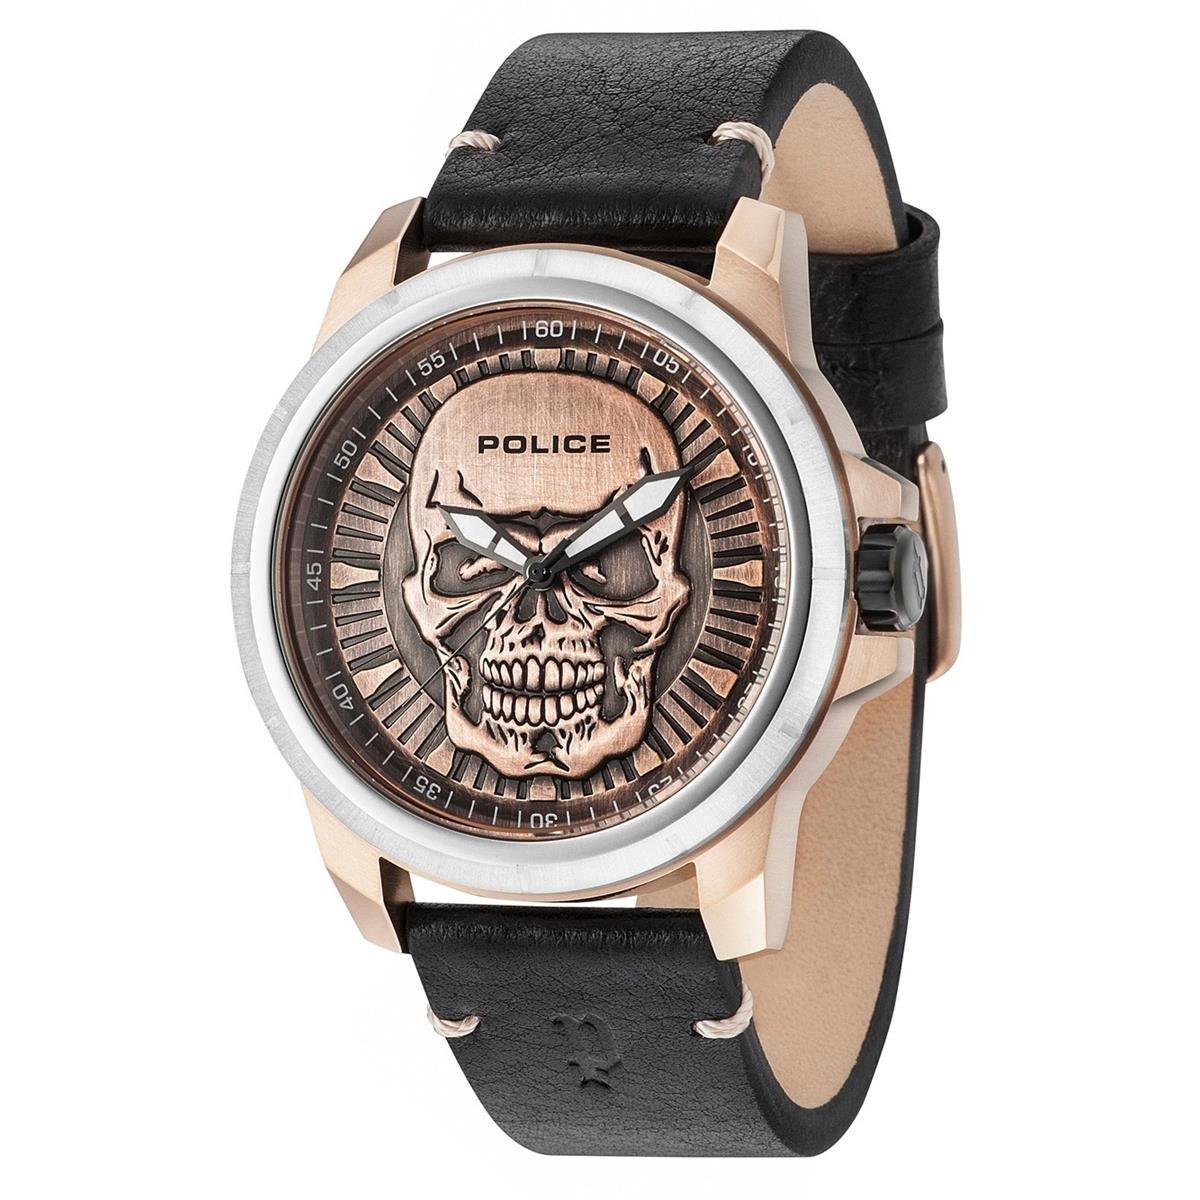 Police Reloj Análogo clásico para Hombre de Cuarzo con Correa en Cuero 14385JSTR/62: Amazon.es: Relojes